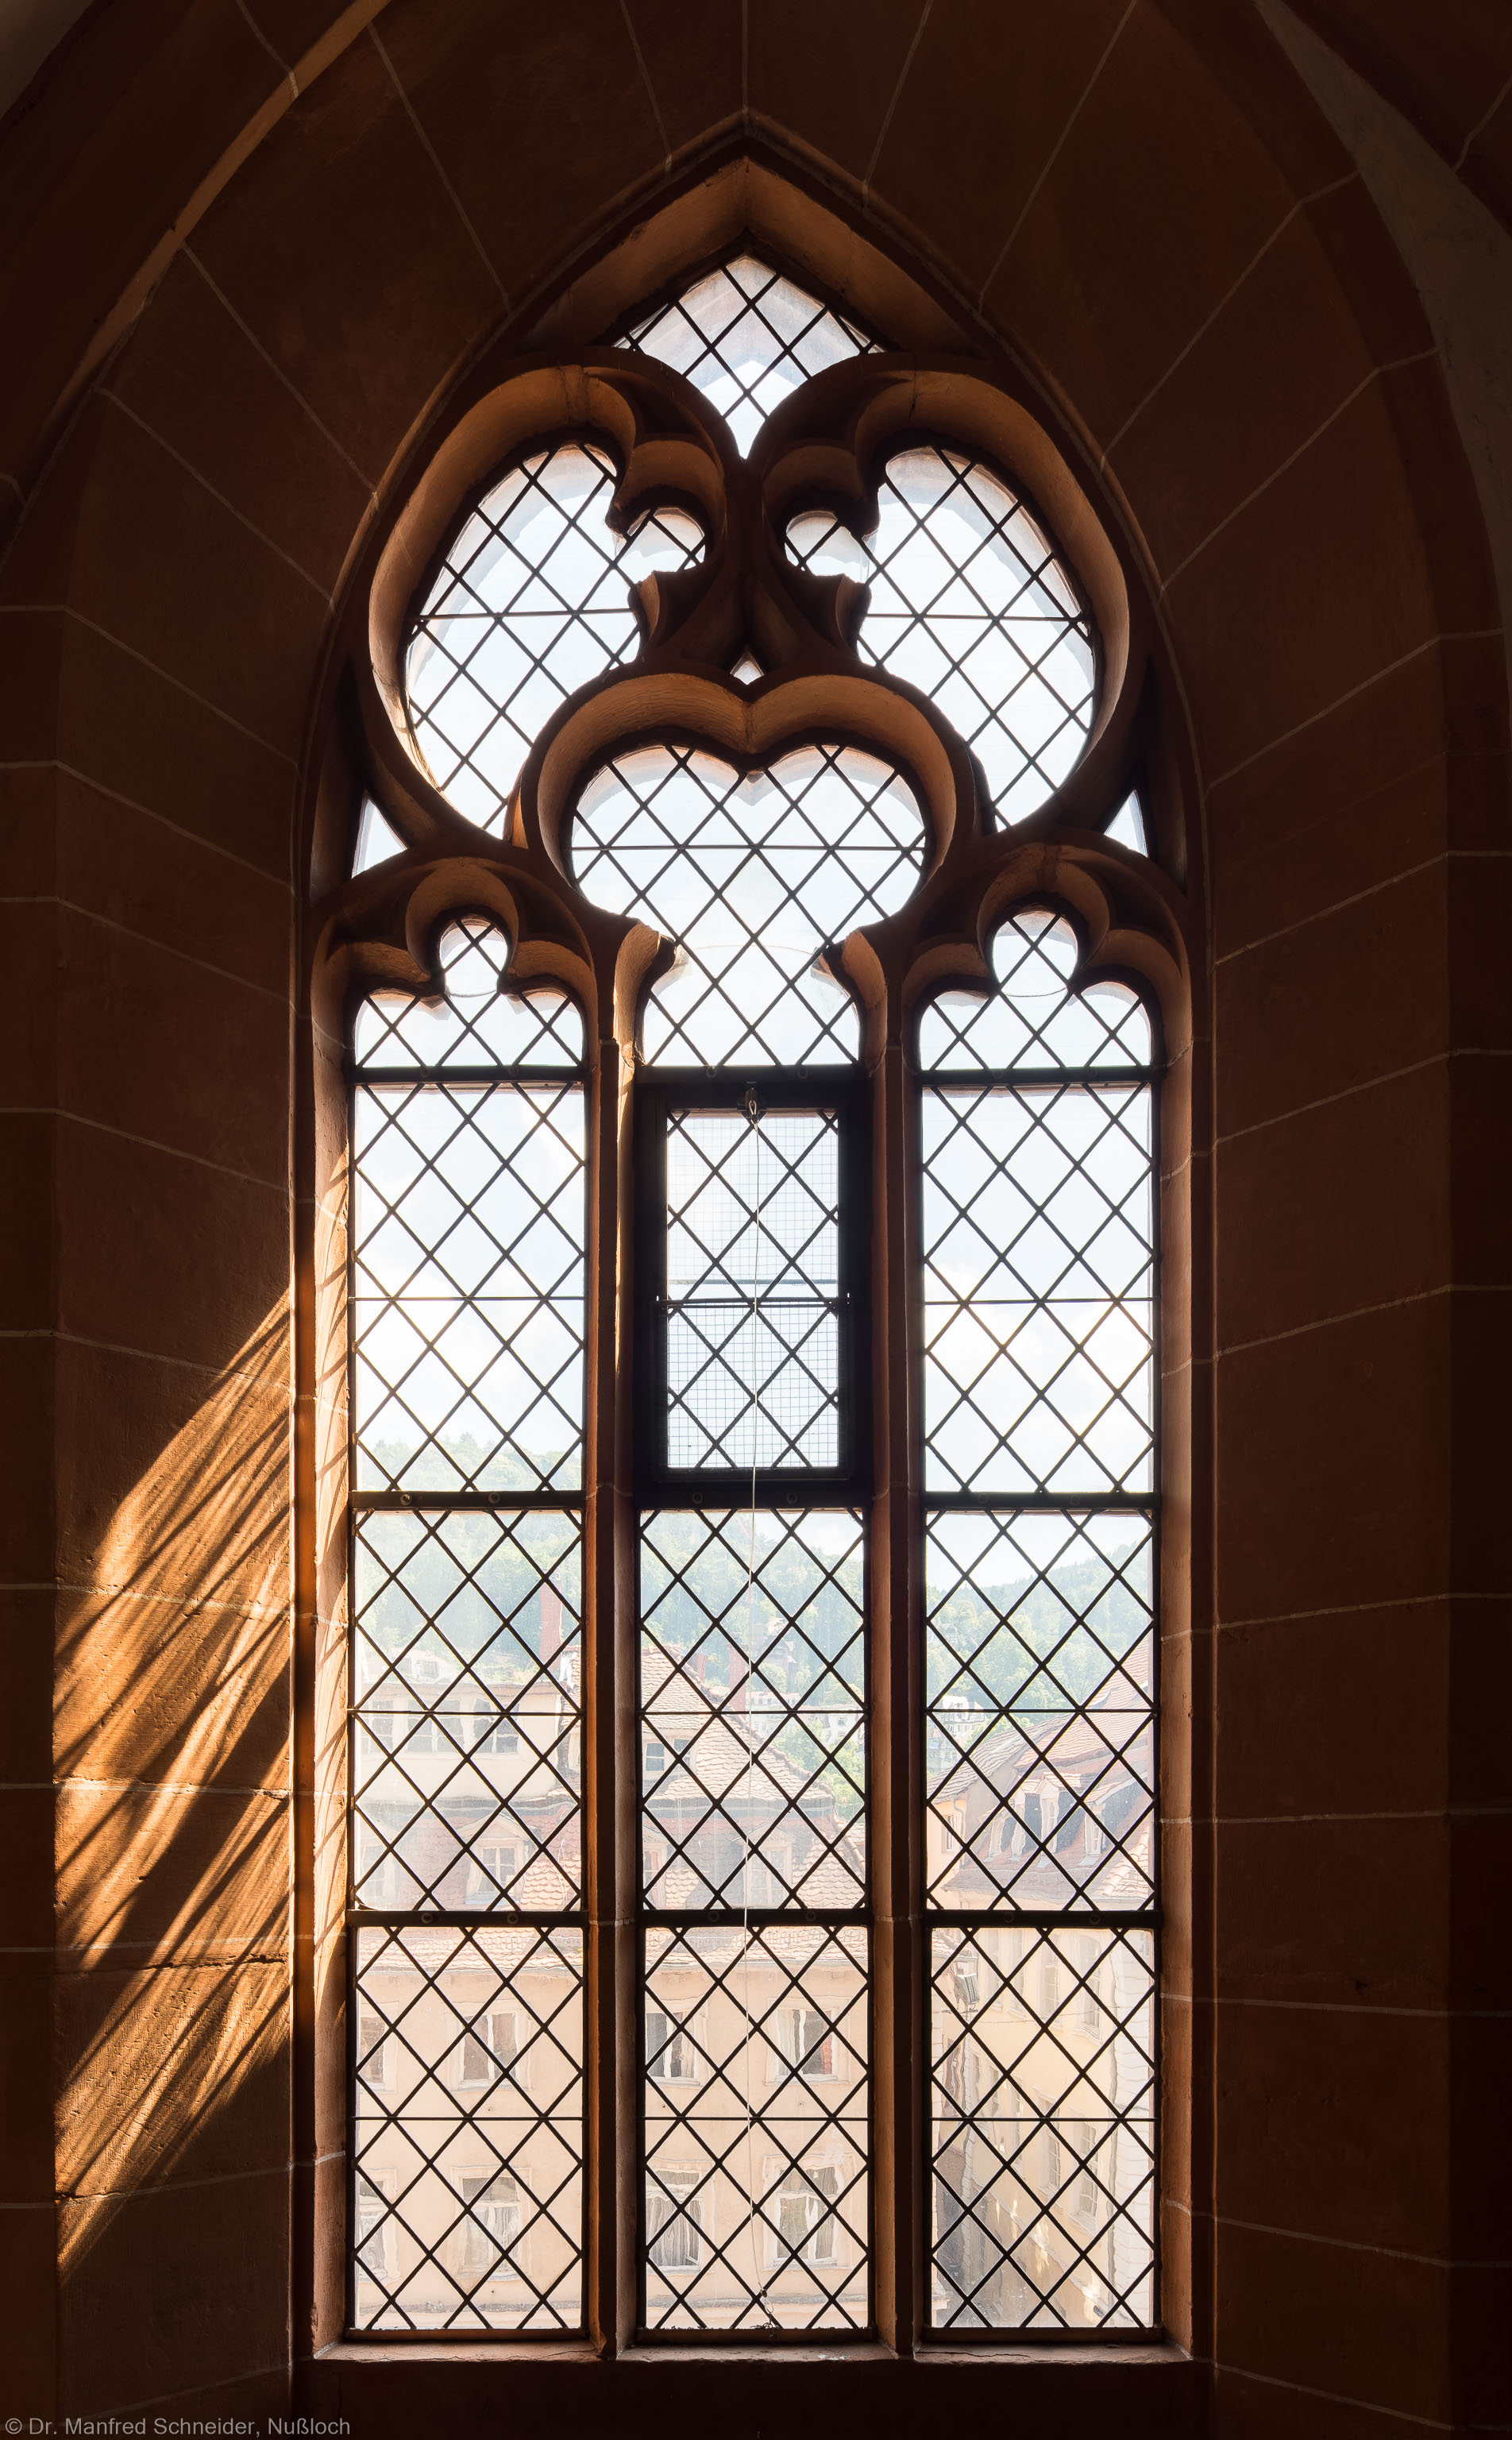 Heidelberg - Heiliggeistkirche - Südempore - 6. Joch, von Westen aus gezählt - Fenster und Maßwerk (aufgenommen im Juni 2015, am Nachmittag)